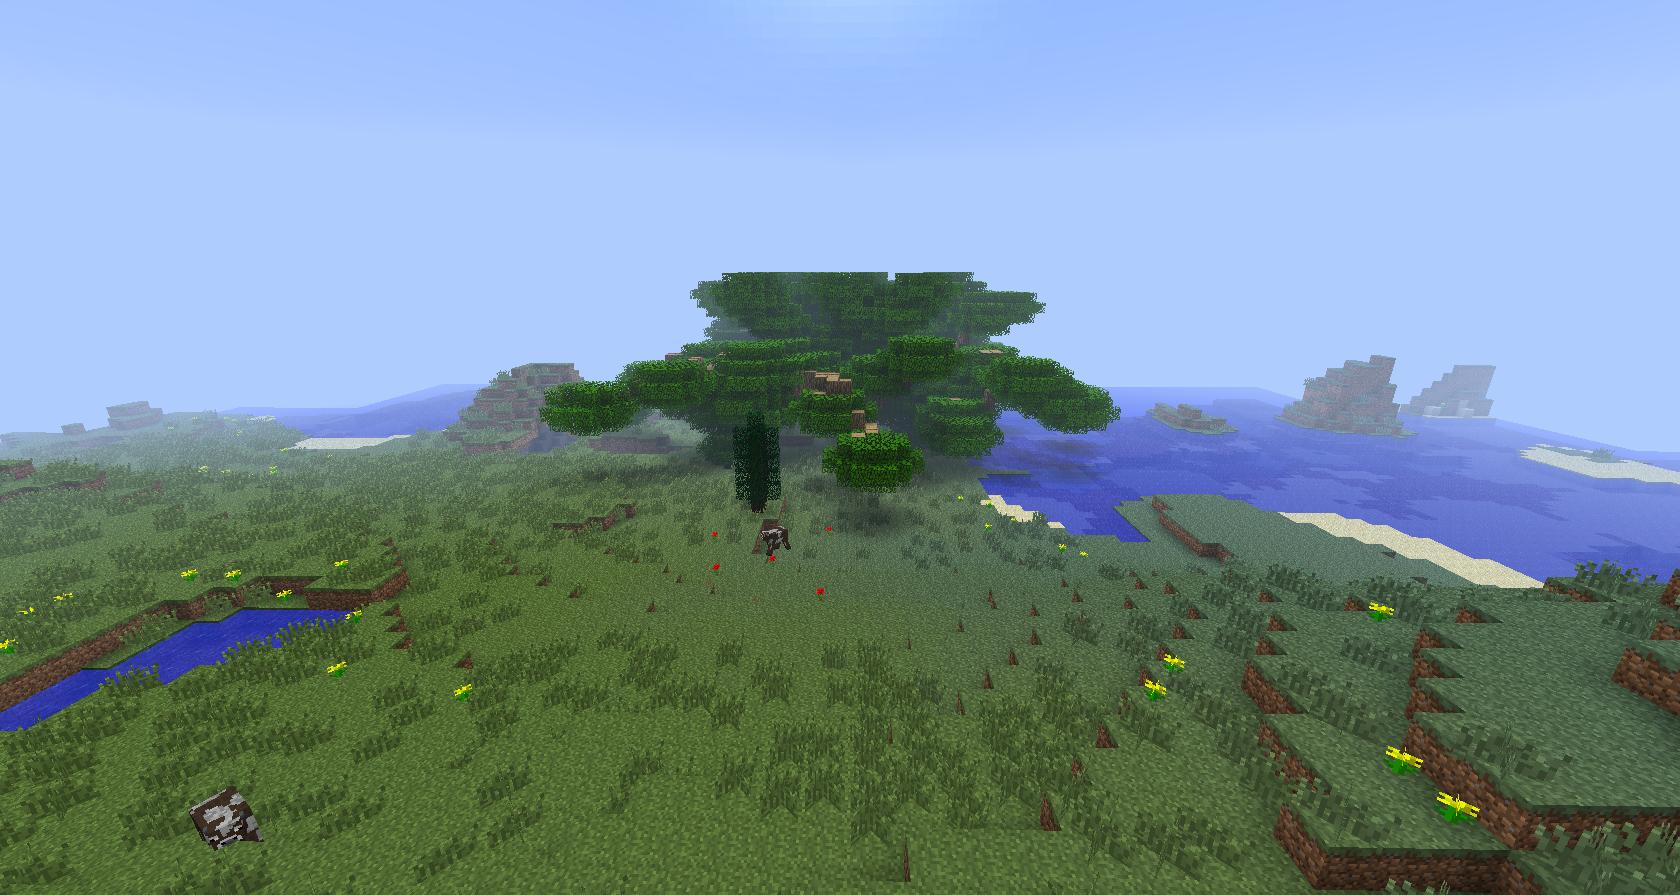 2012 02 17 18.40.40 [1.1] Trees++